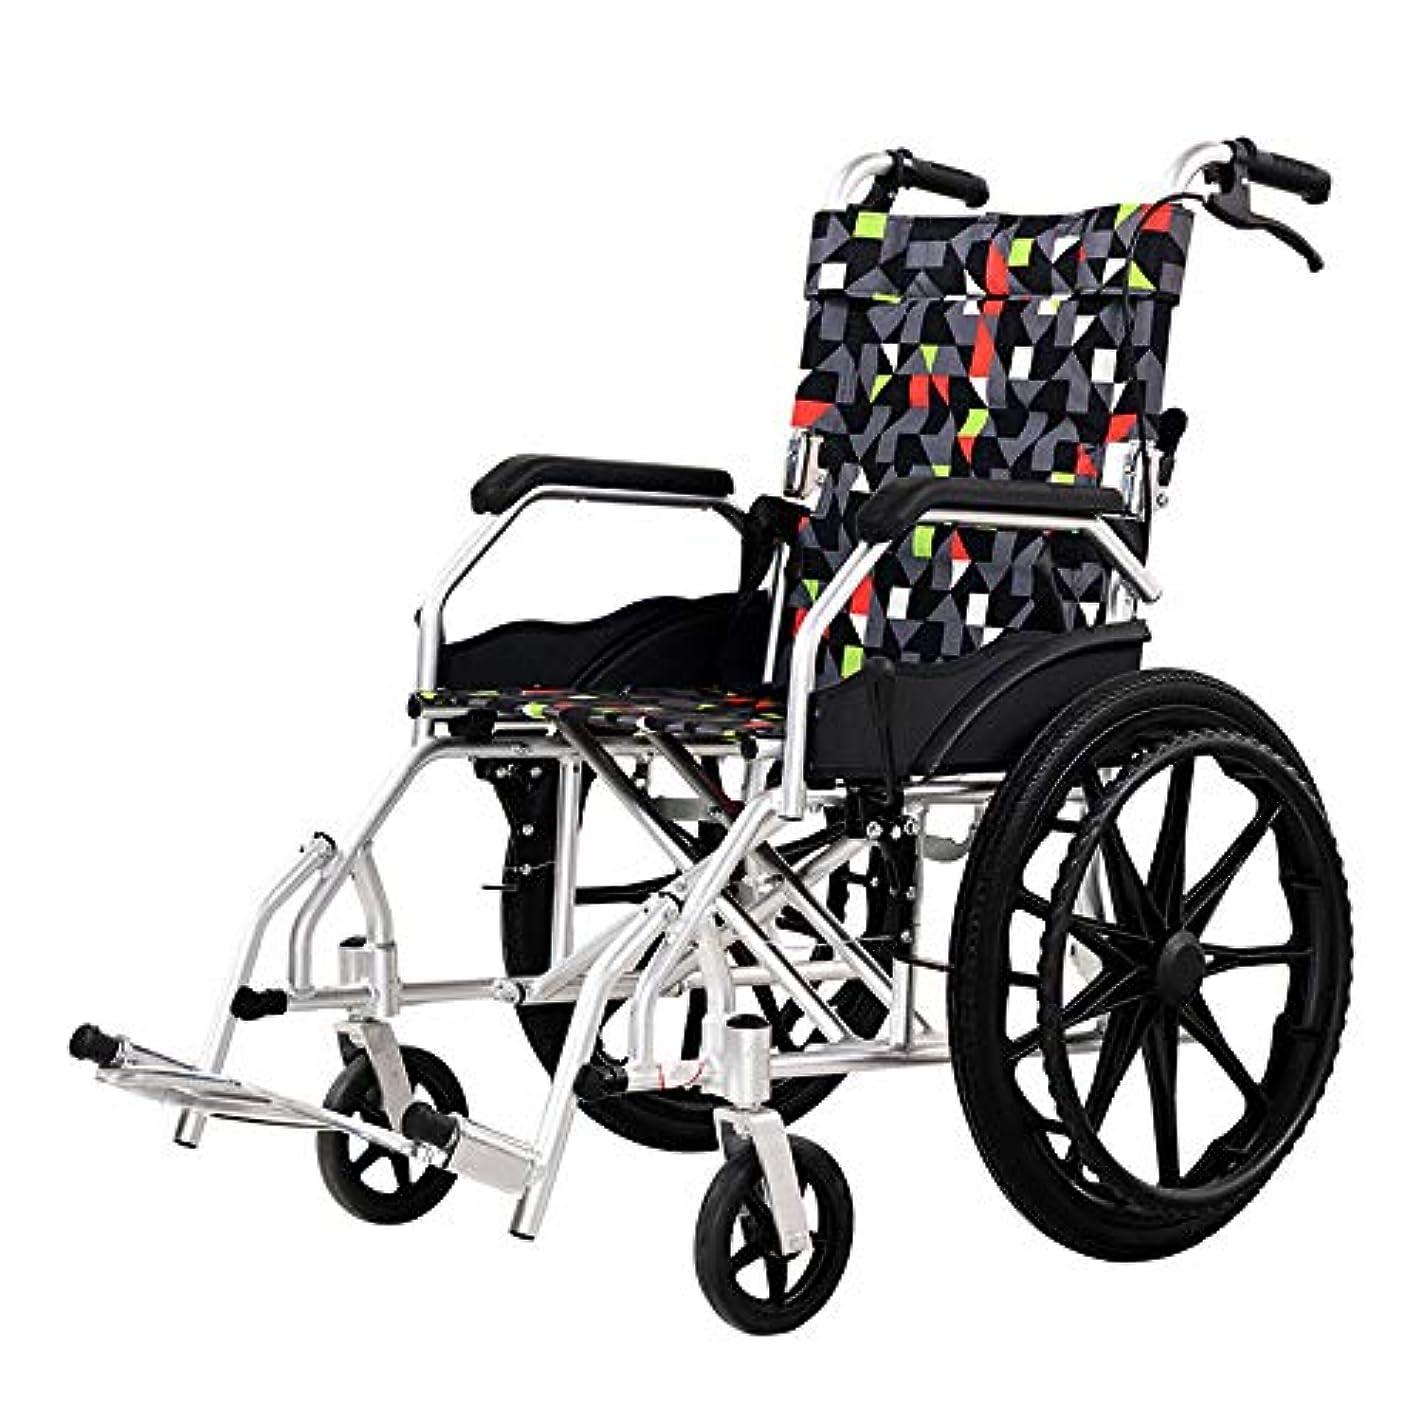 社説帰するパフハンドプッシュ車いすアルミ合金フレームオックスフォード布クッションサイズソリッドホイール4ブレーキデザインアジャスタブルペダルを運ぶために簡単に折り畳むことができます,Bigwheel